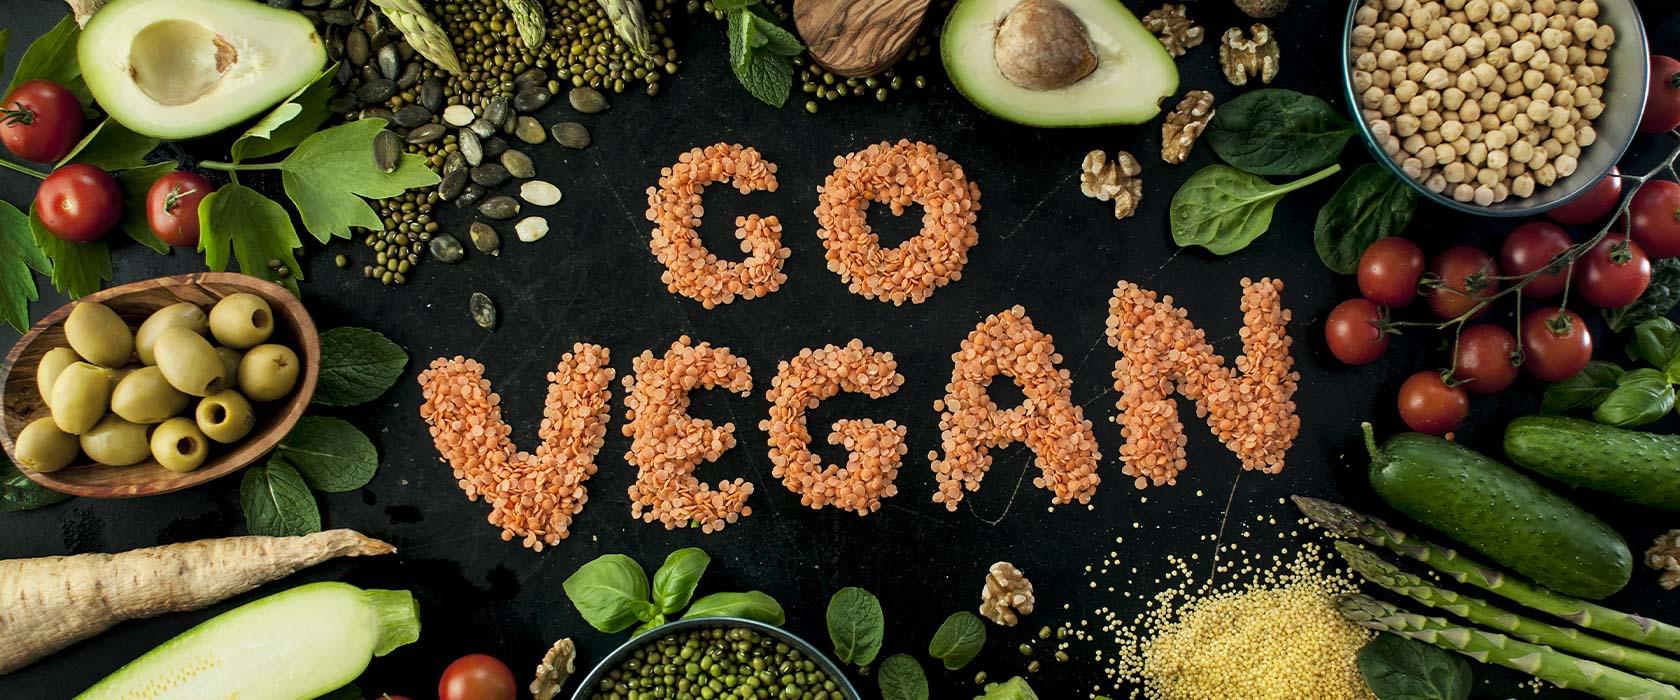 Галка рекомендує: 5 корисних вегетаріанських дієт